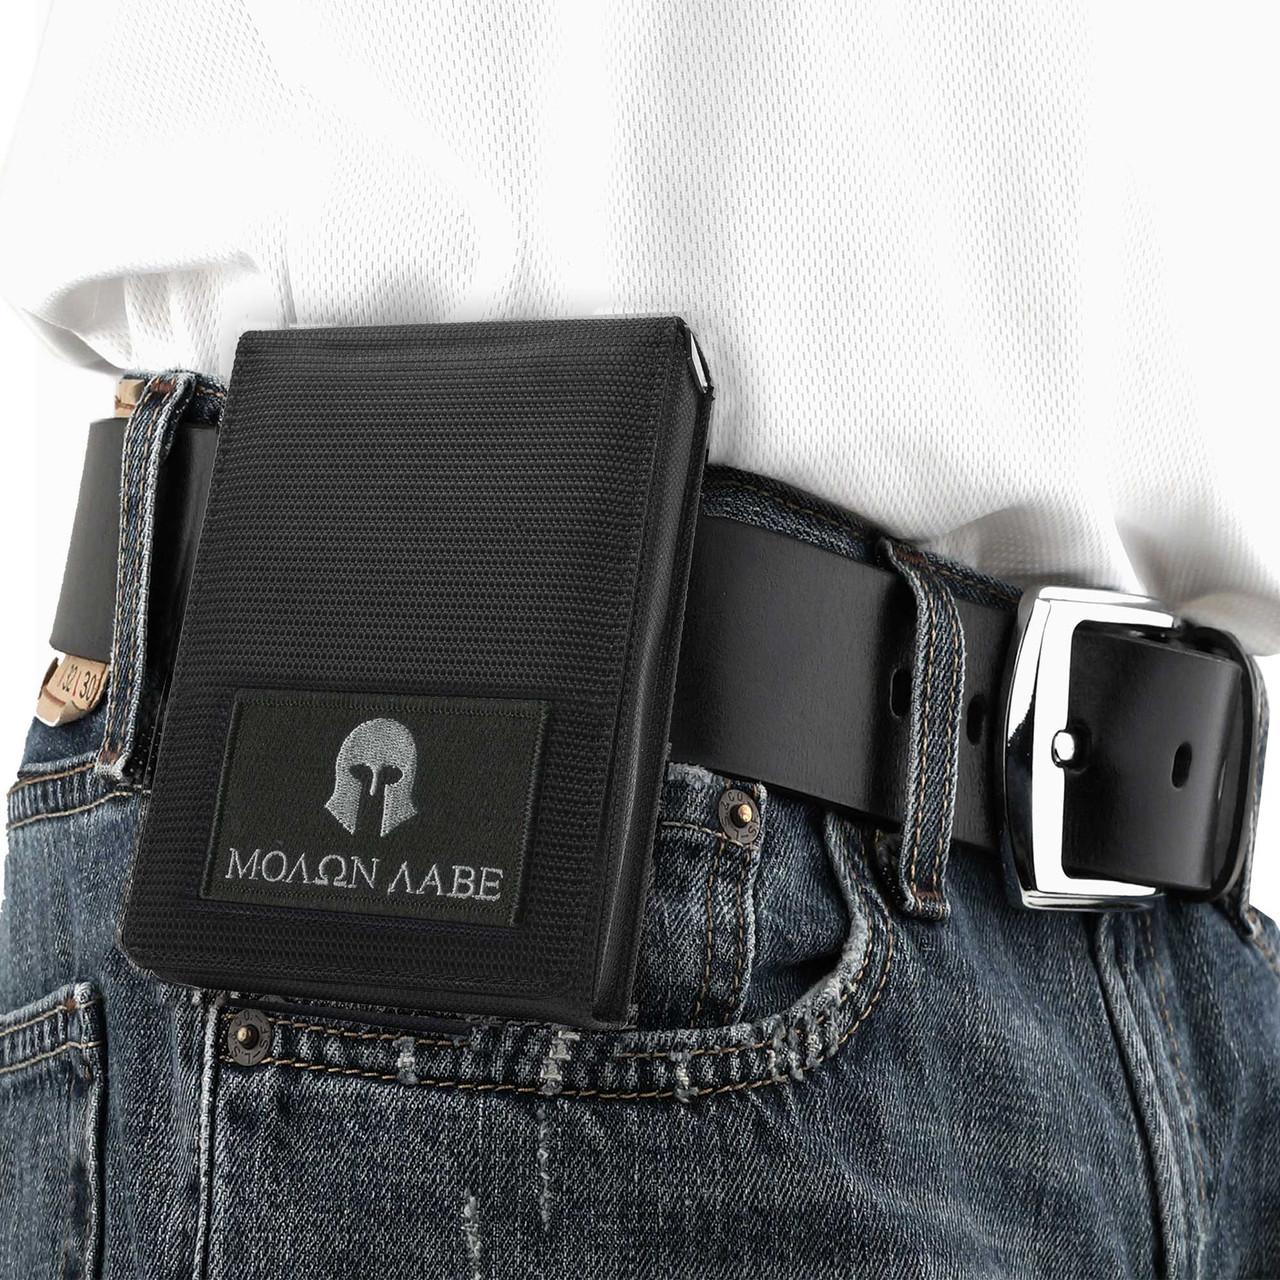 M&P 9c Holster